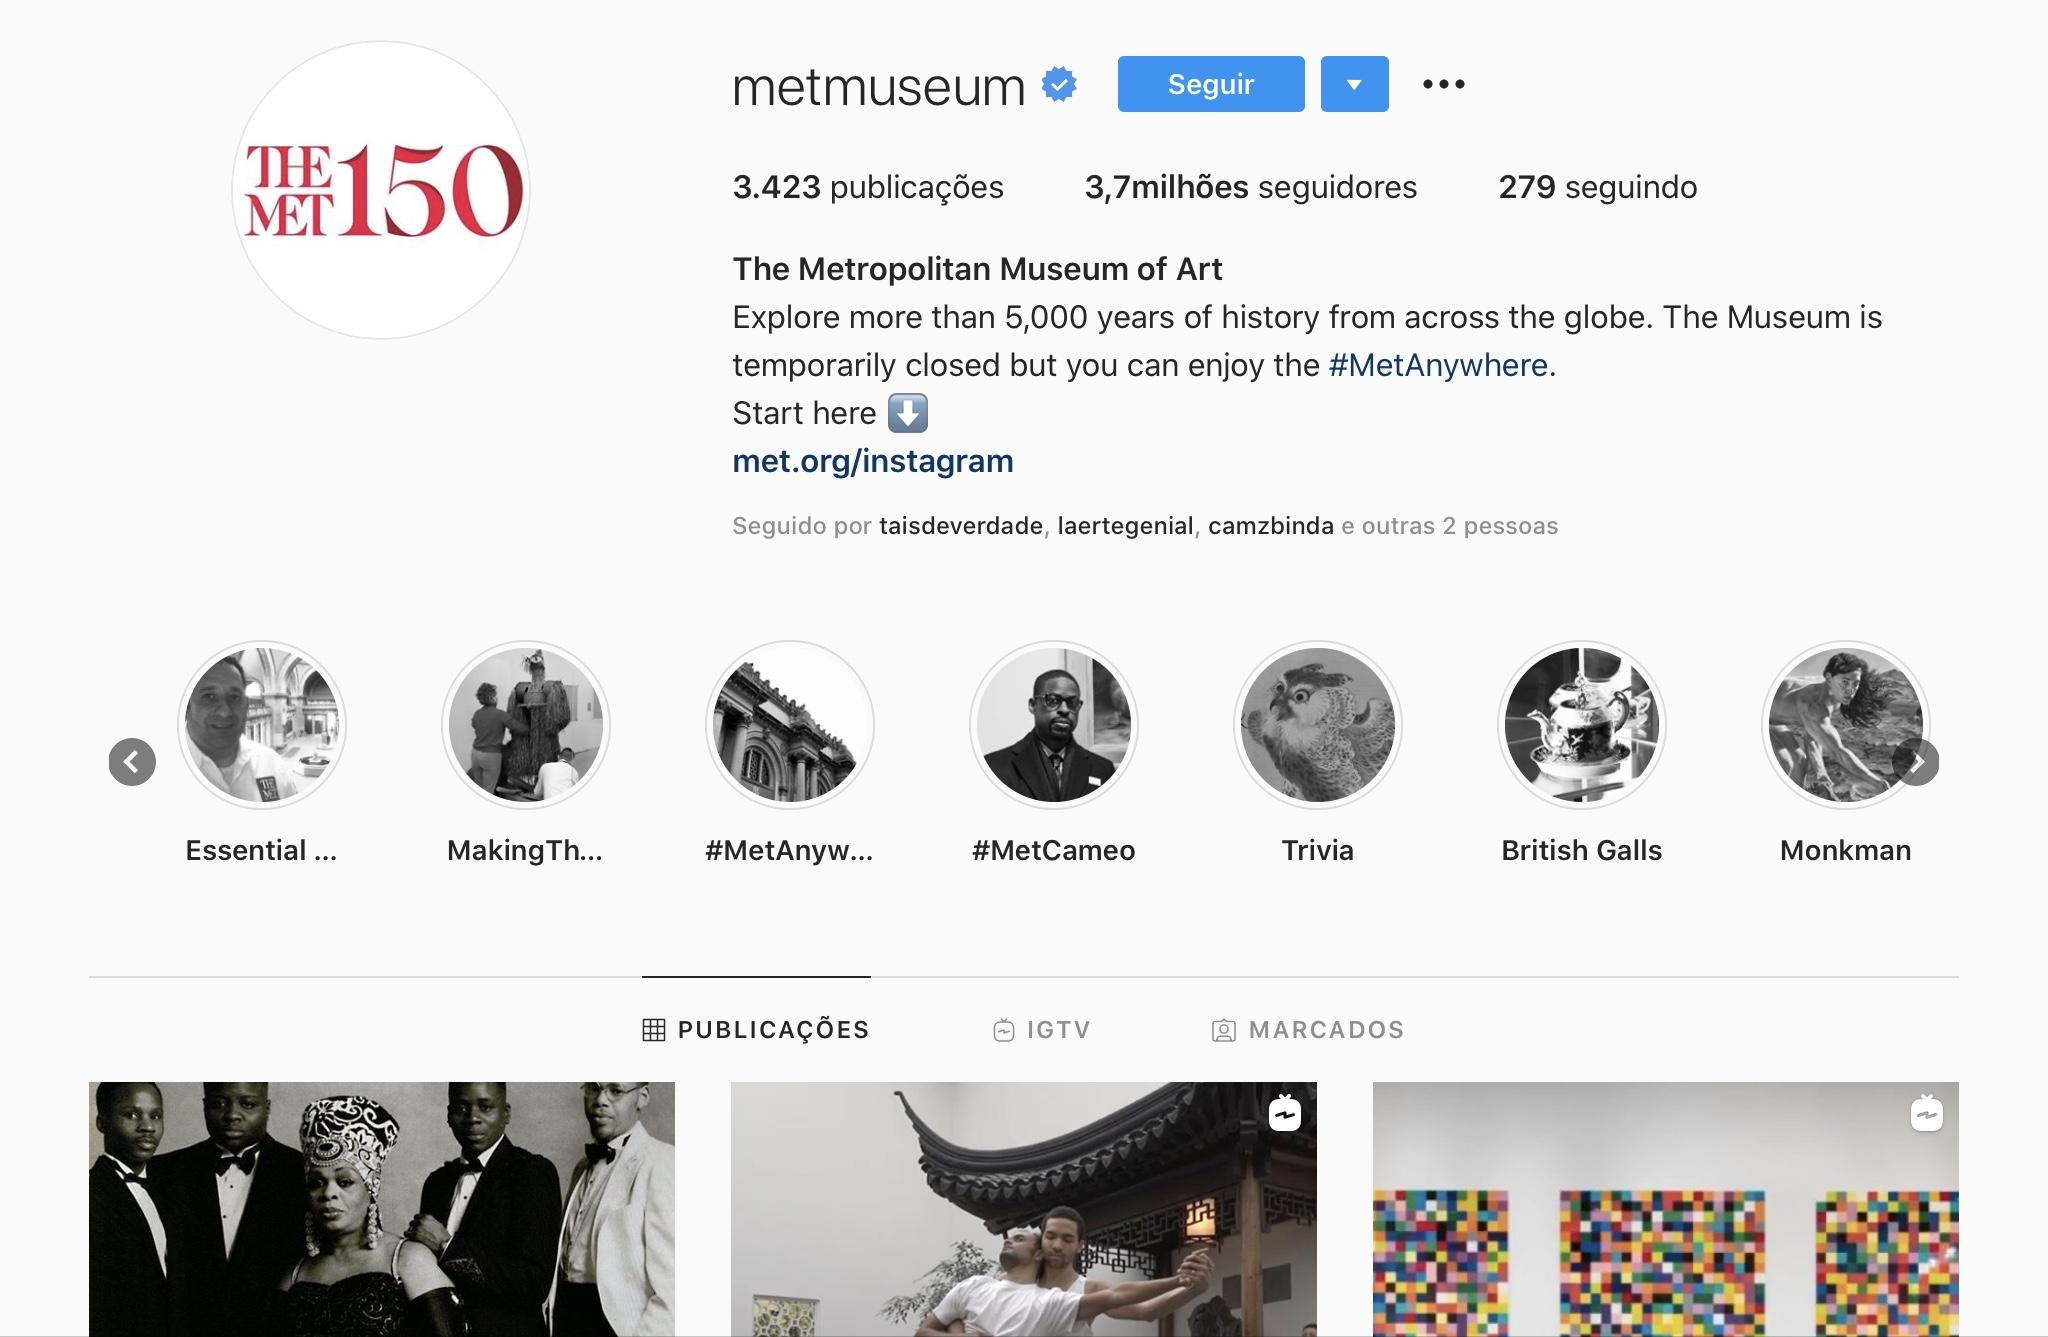 Exemplos para Criar Destaques do Instagram - MetMuseum